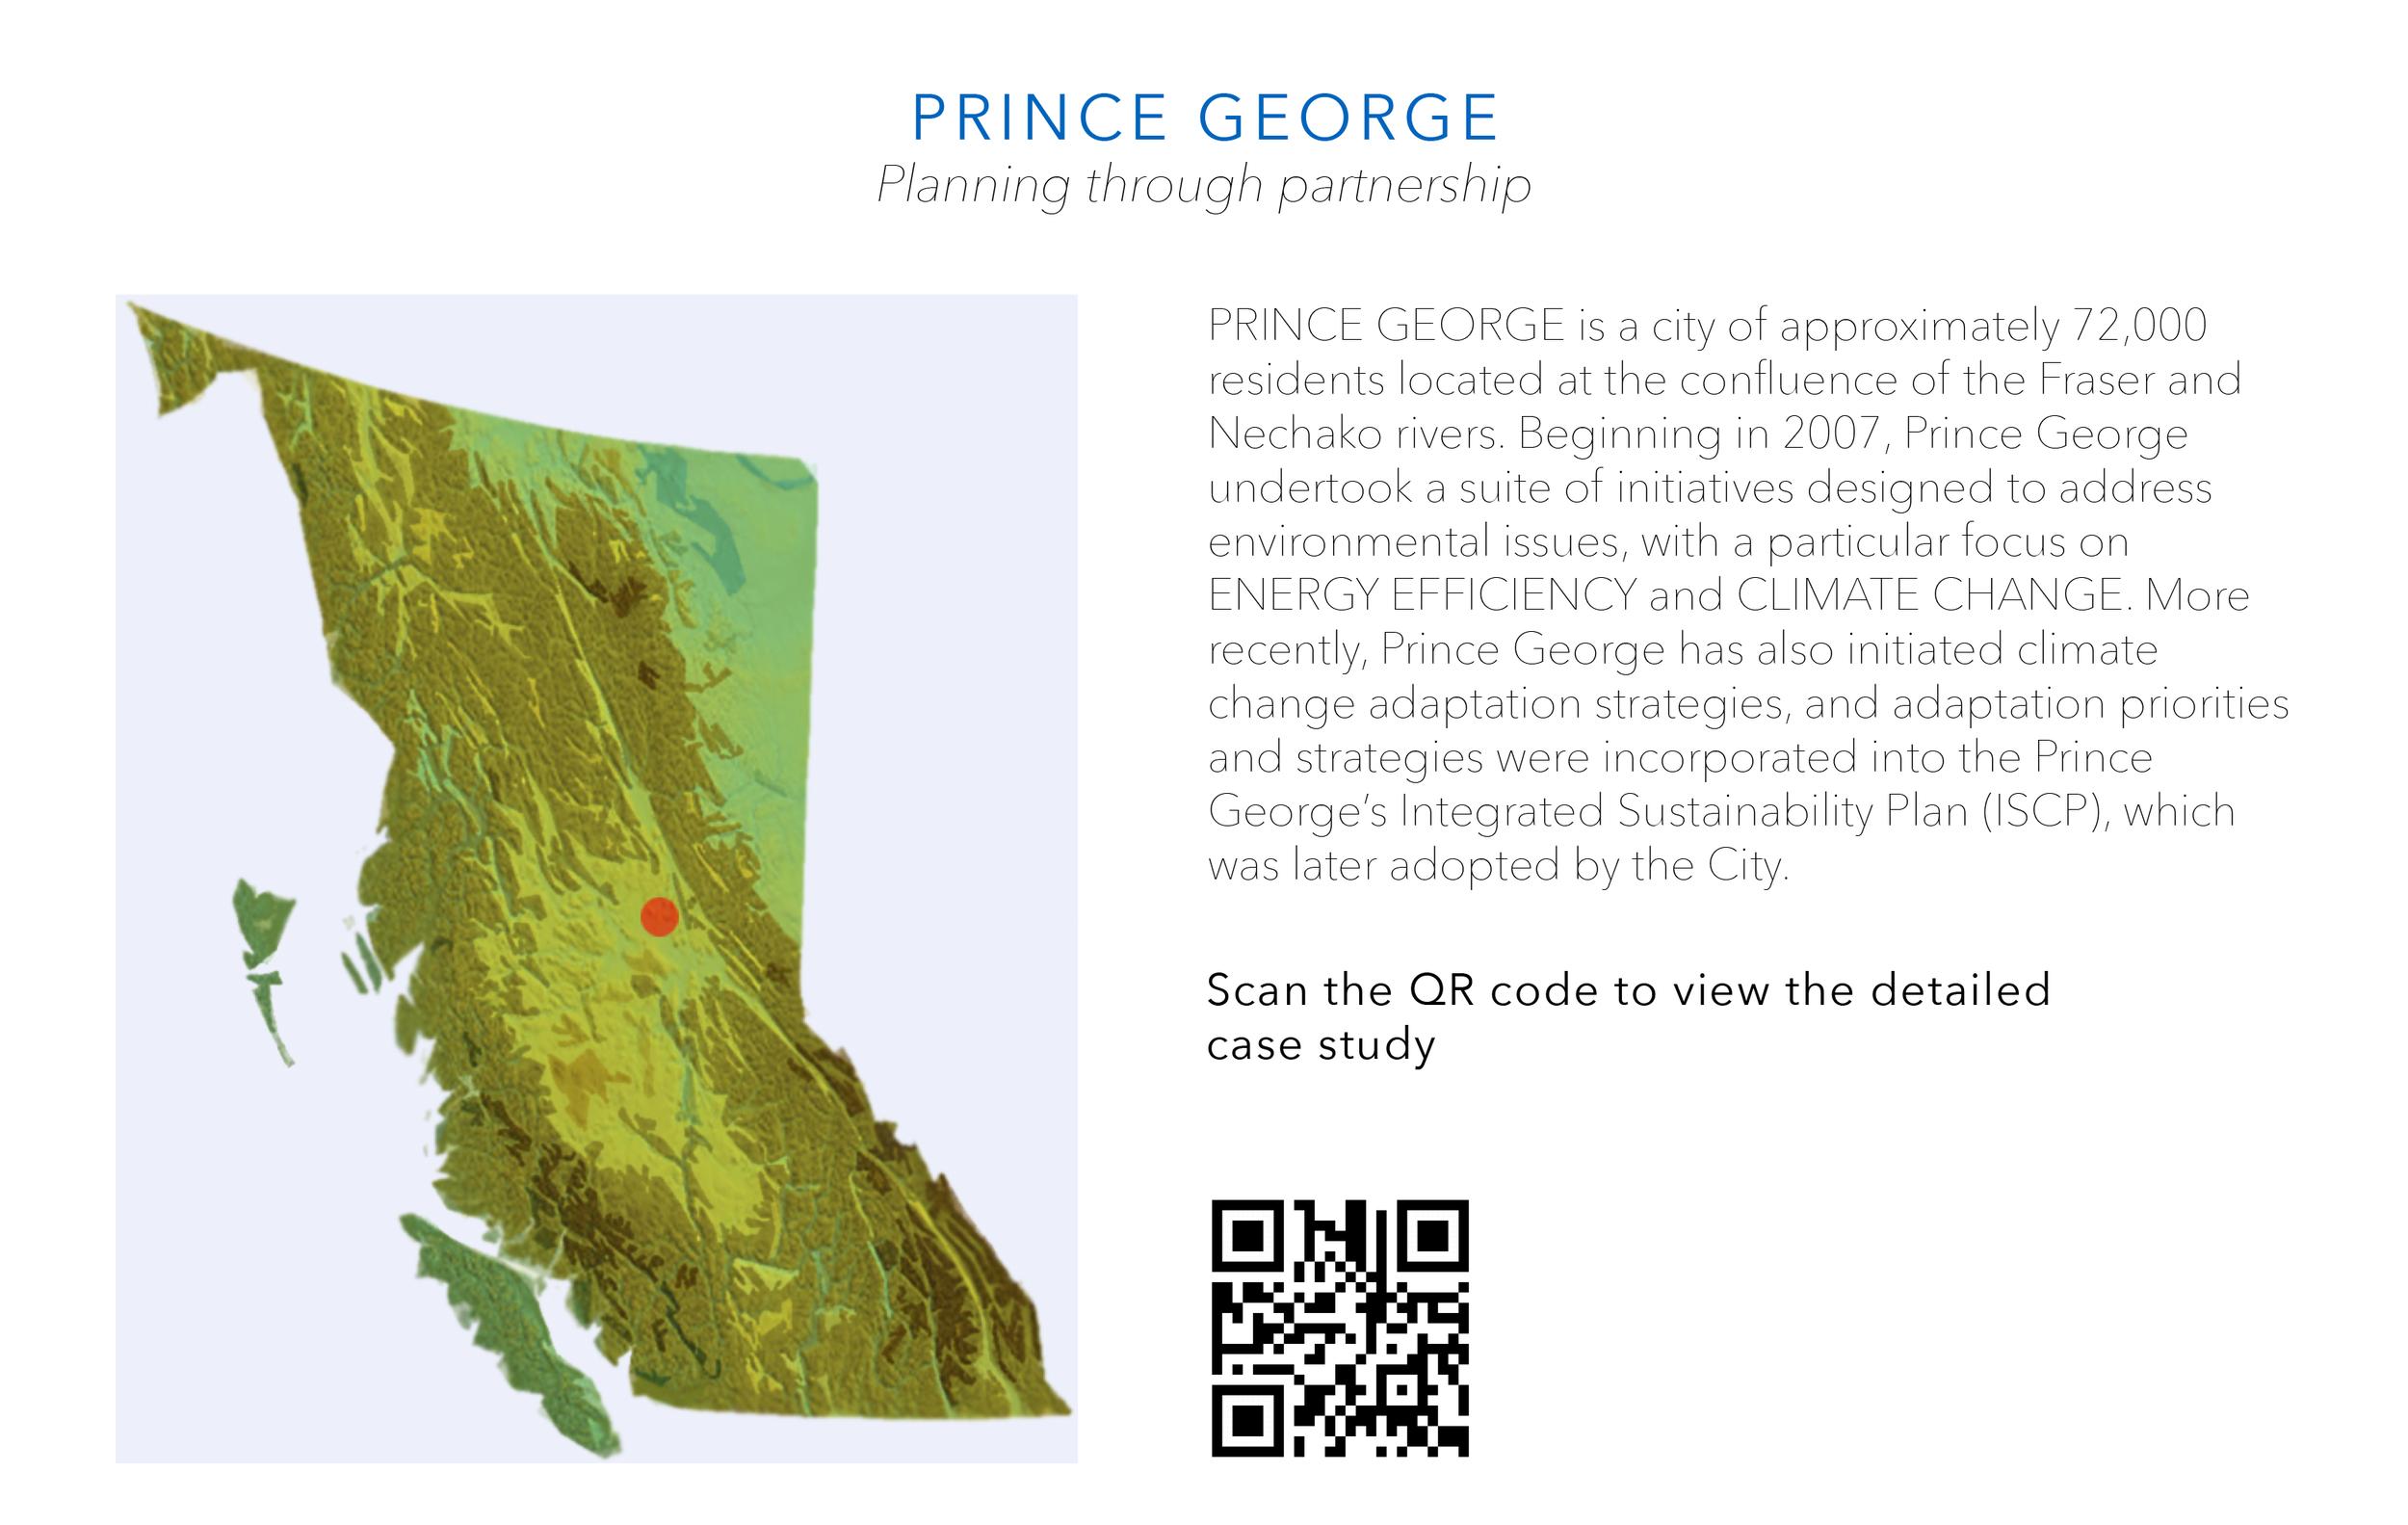 PrinceGeorge.png